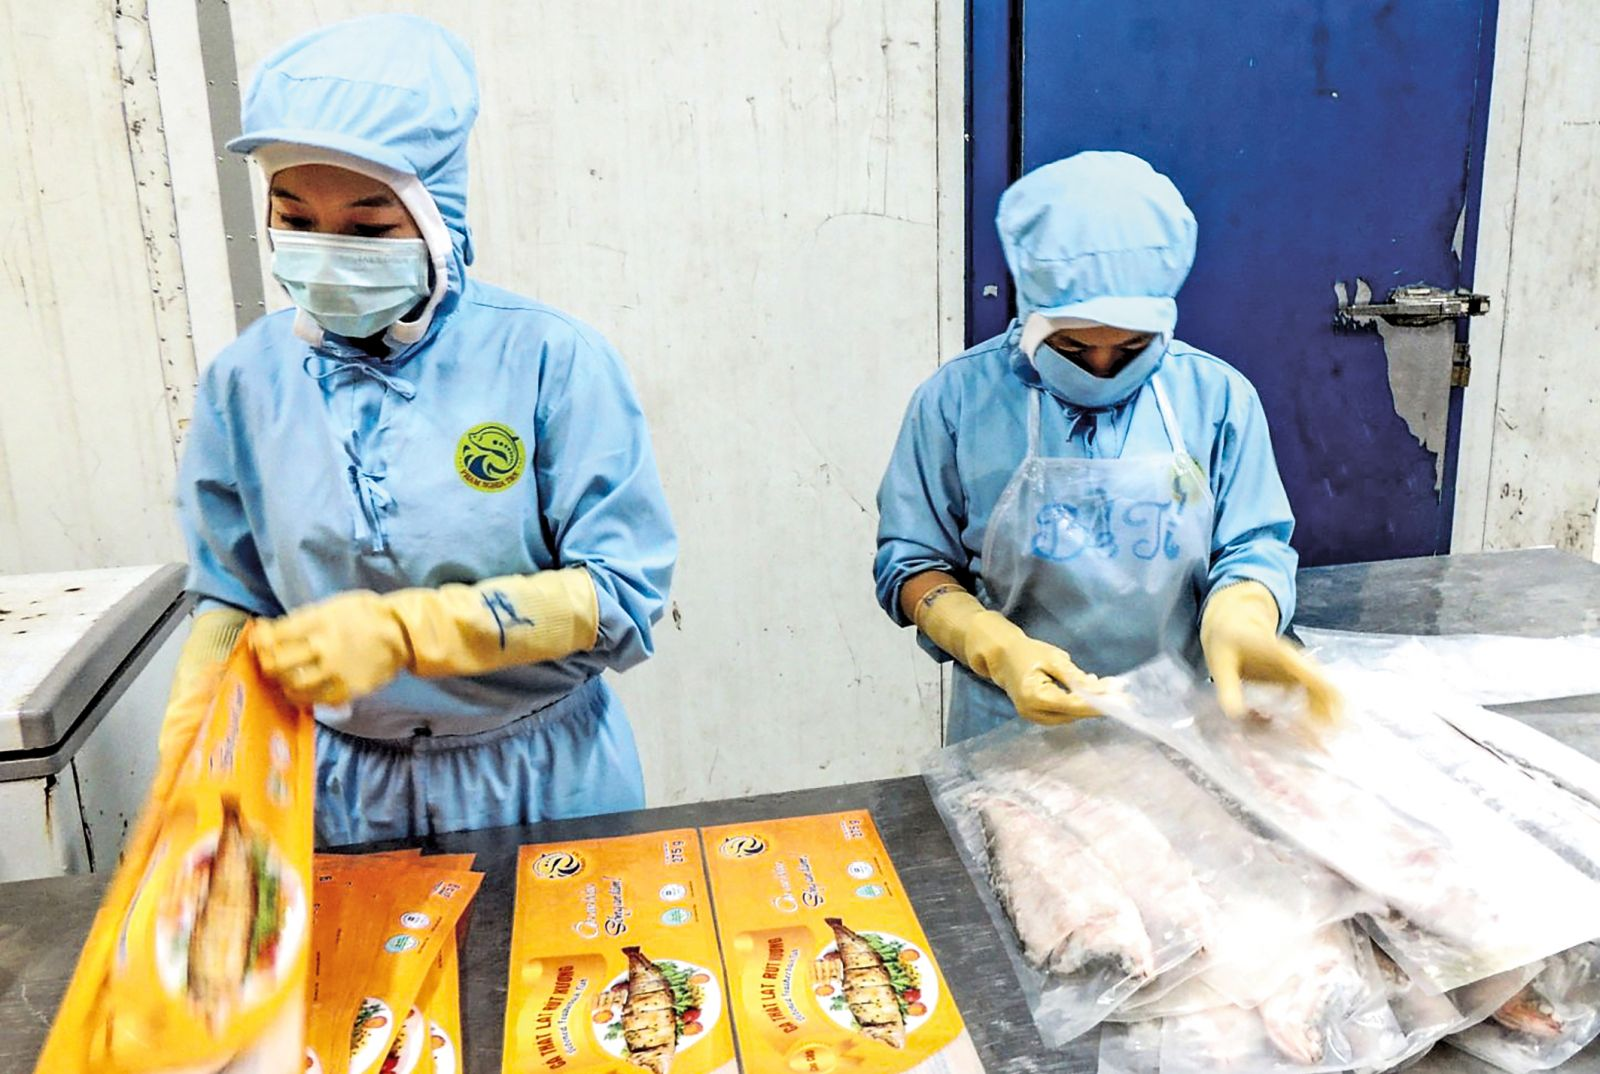 Công ty TNHH MTV Phạm Nghĩa T&N là một trong những đơn vị tham gia vào chuỗi cung ứng thực phẩm an toàn của thành phố. Trong ảnh: Sản xuất cá thát lát tại Công ty TNHH MTV Phạm Nghĩa T&N. Ảnh: MỸ THANH